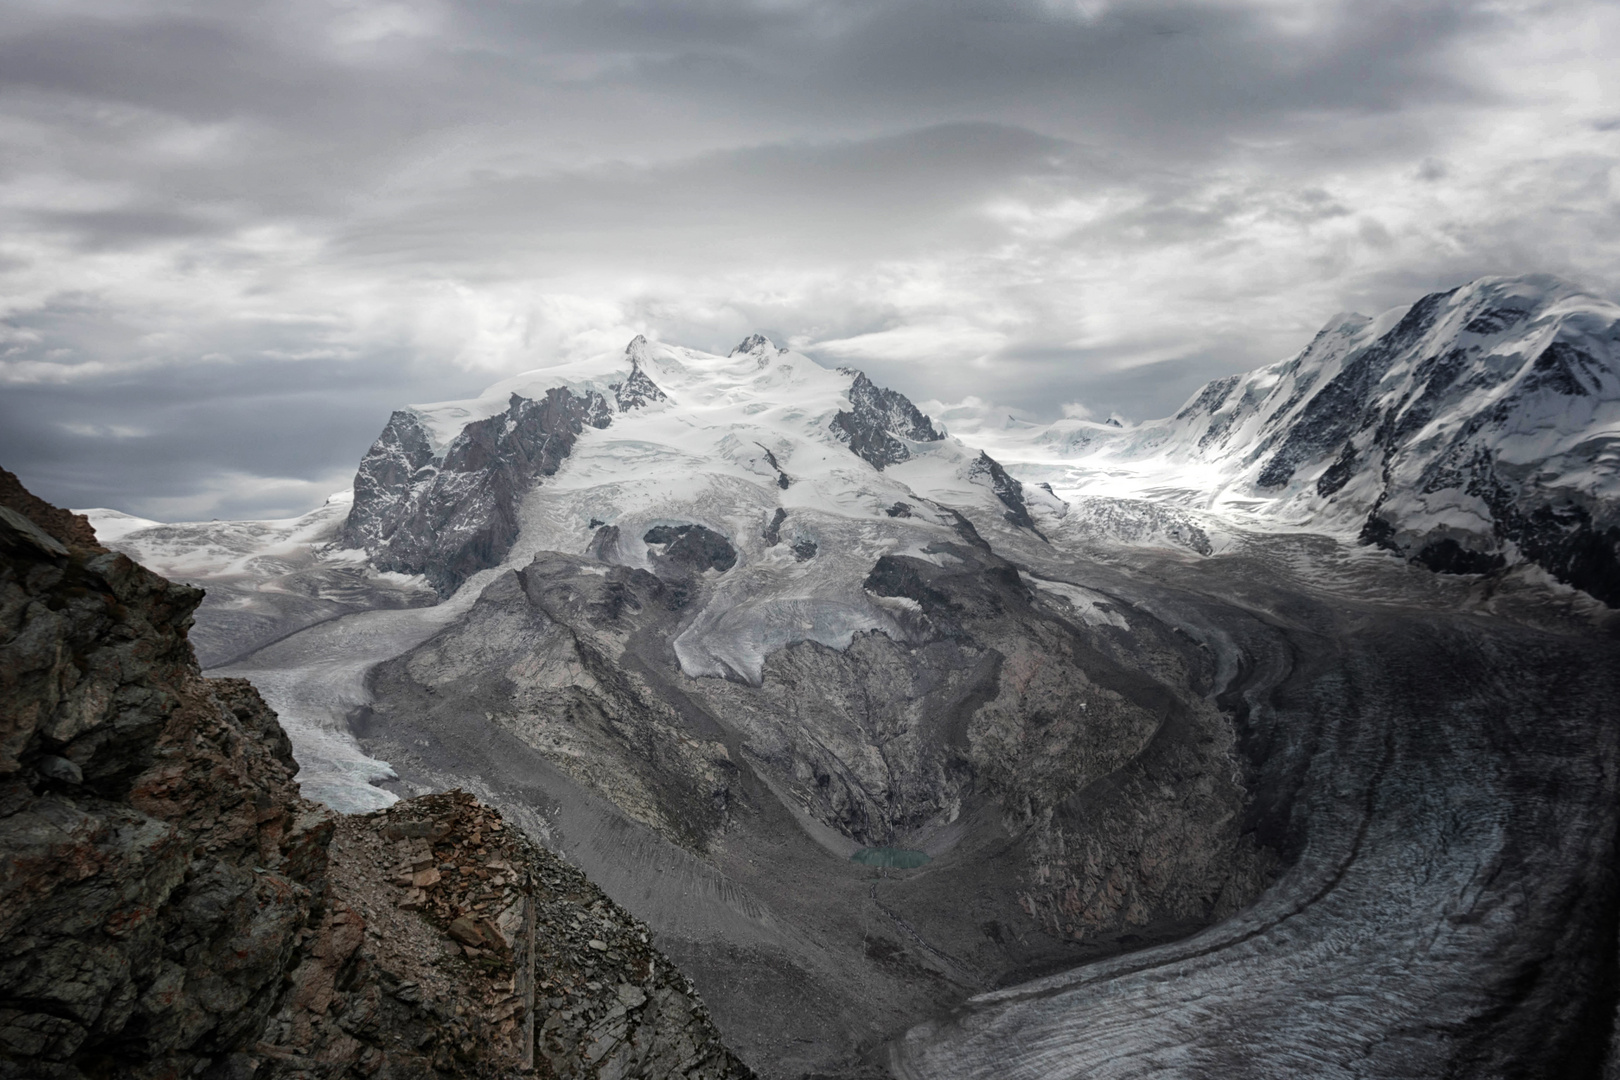 Bergwelten - Die Gletscher sterben